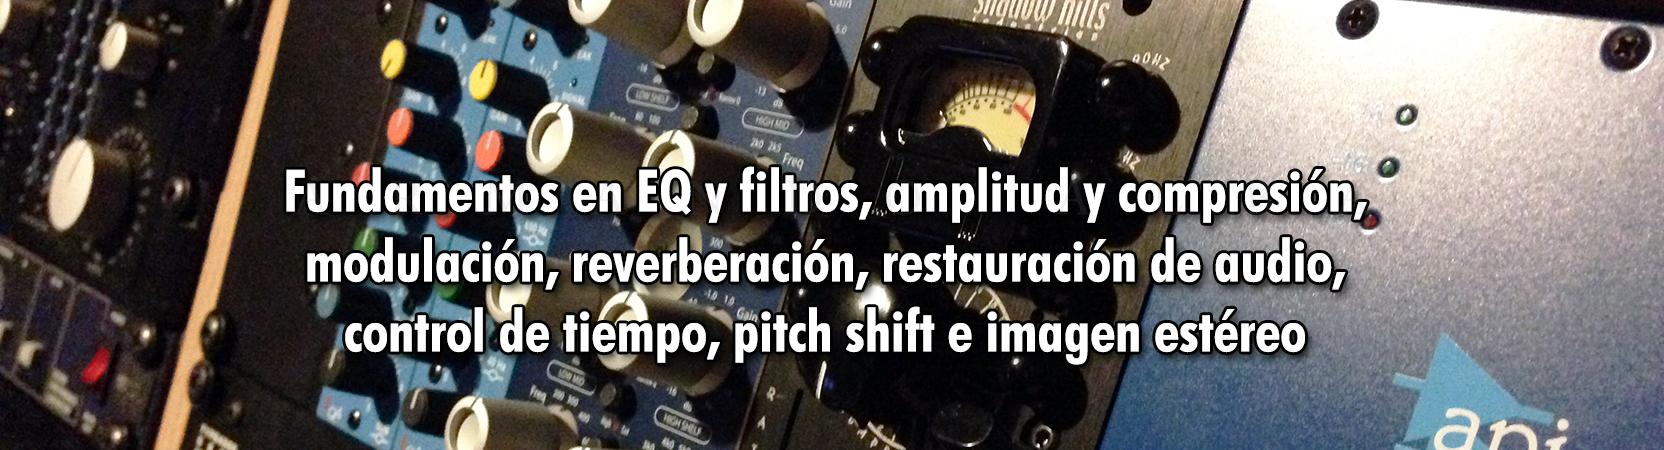 Imagen_para_página_Wix_-_audio_06-1_(1664x450px)